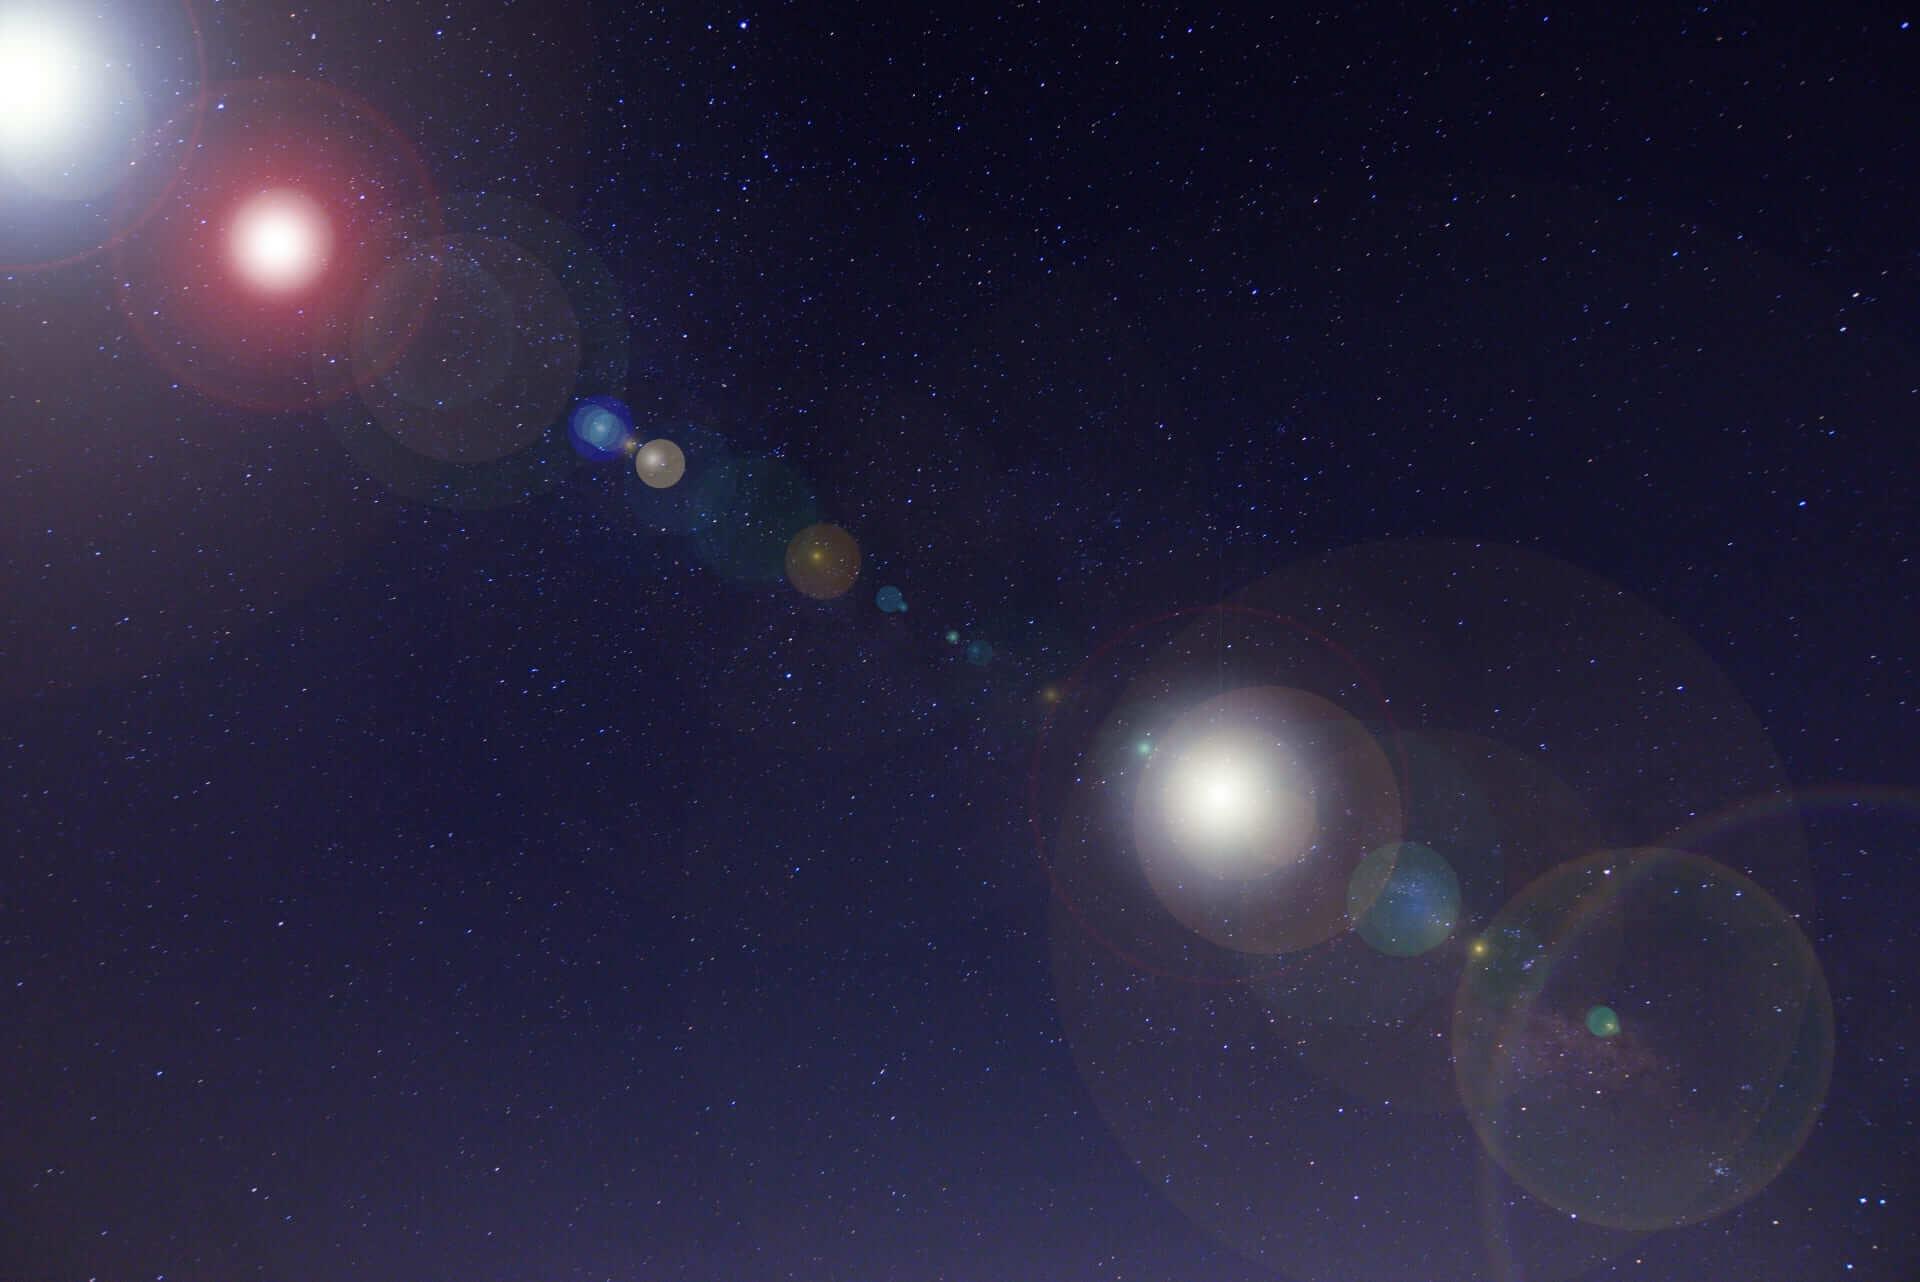 2021年2月の星占い◆太陽が魚座に移動、水星が逆行終了、金星が大移動